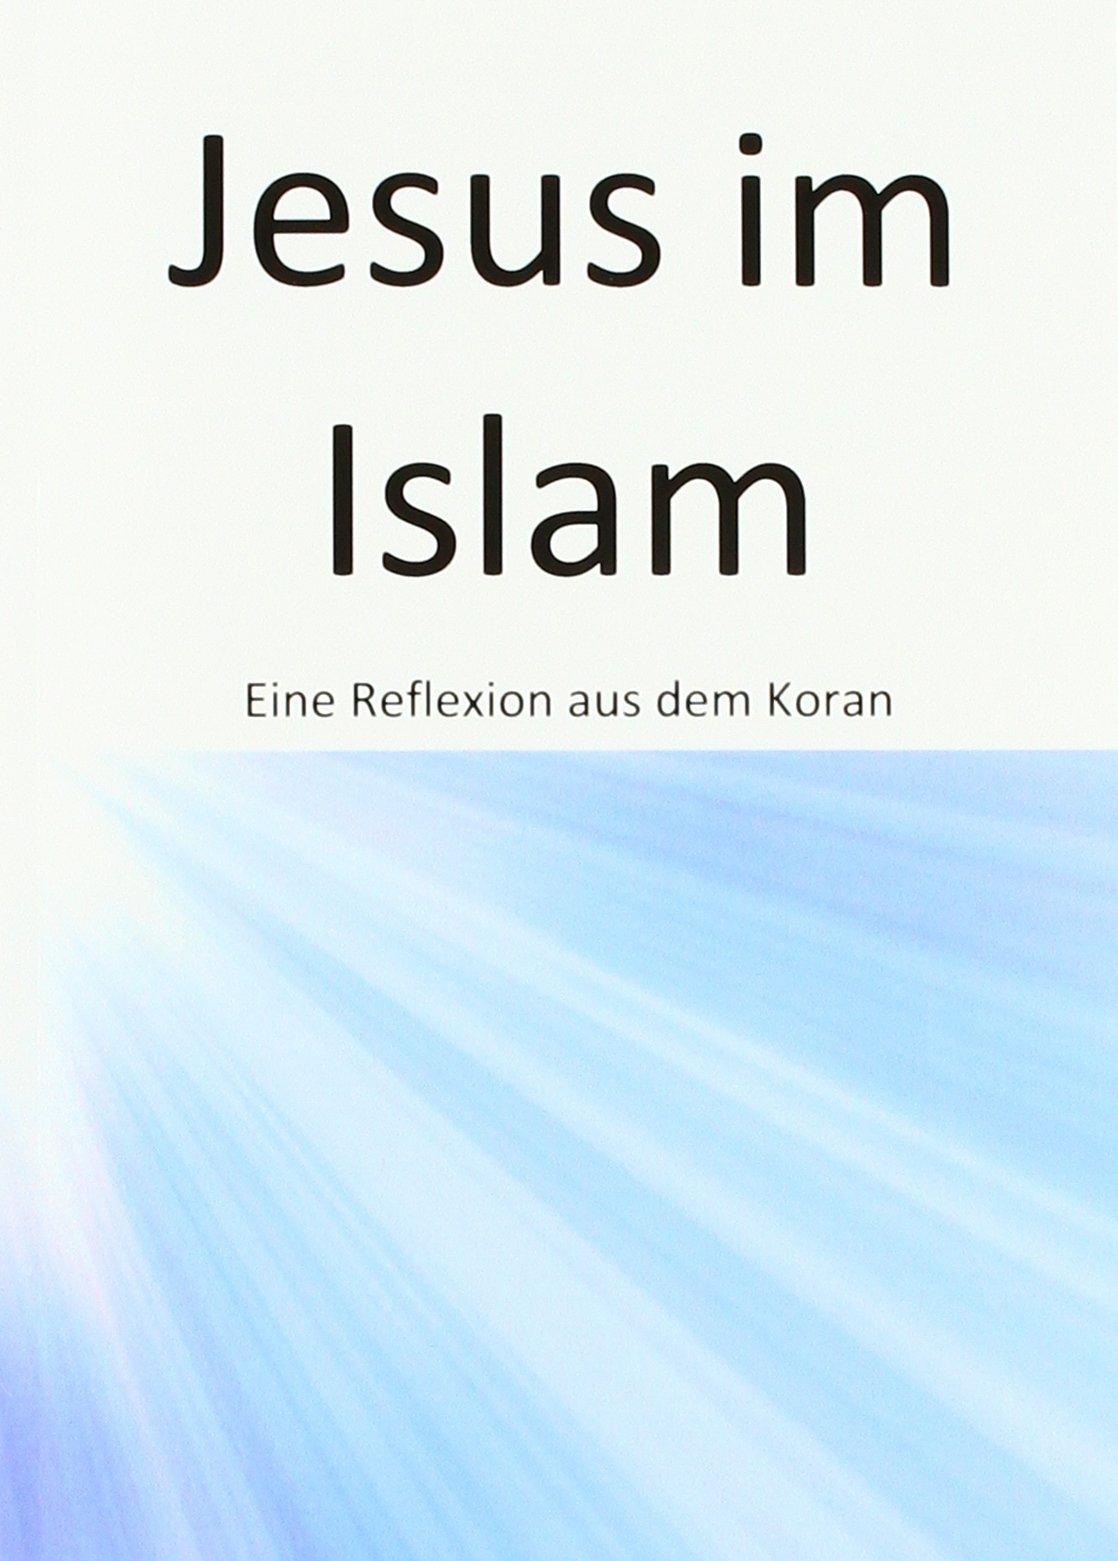 Jesus im Islam: Eine Reflexion aus dem Koran